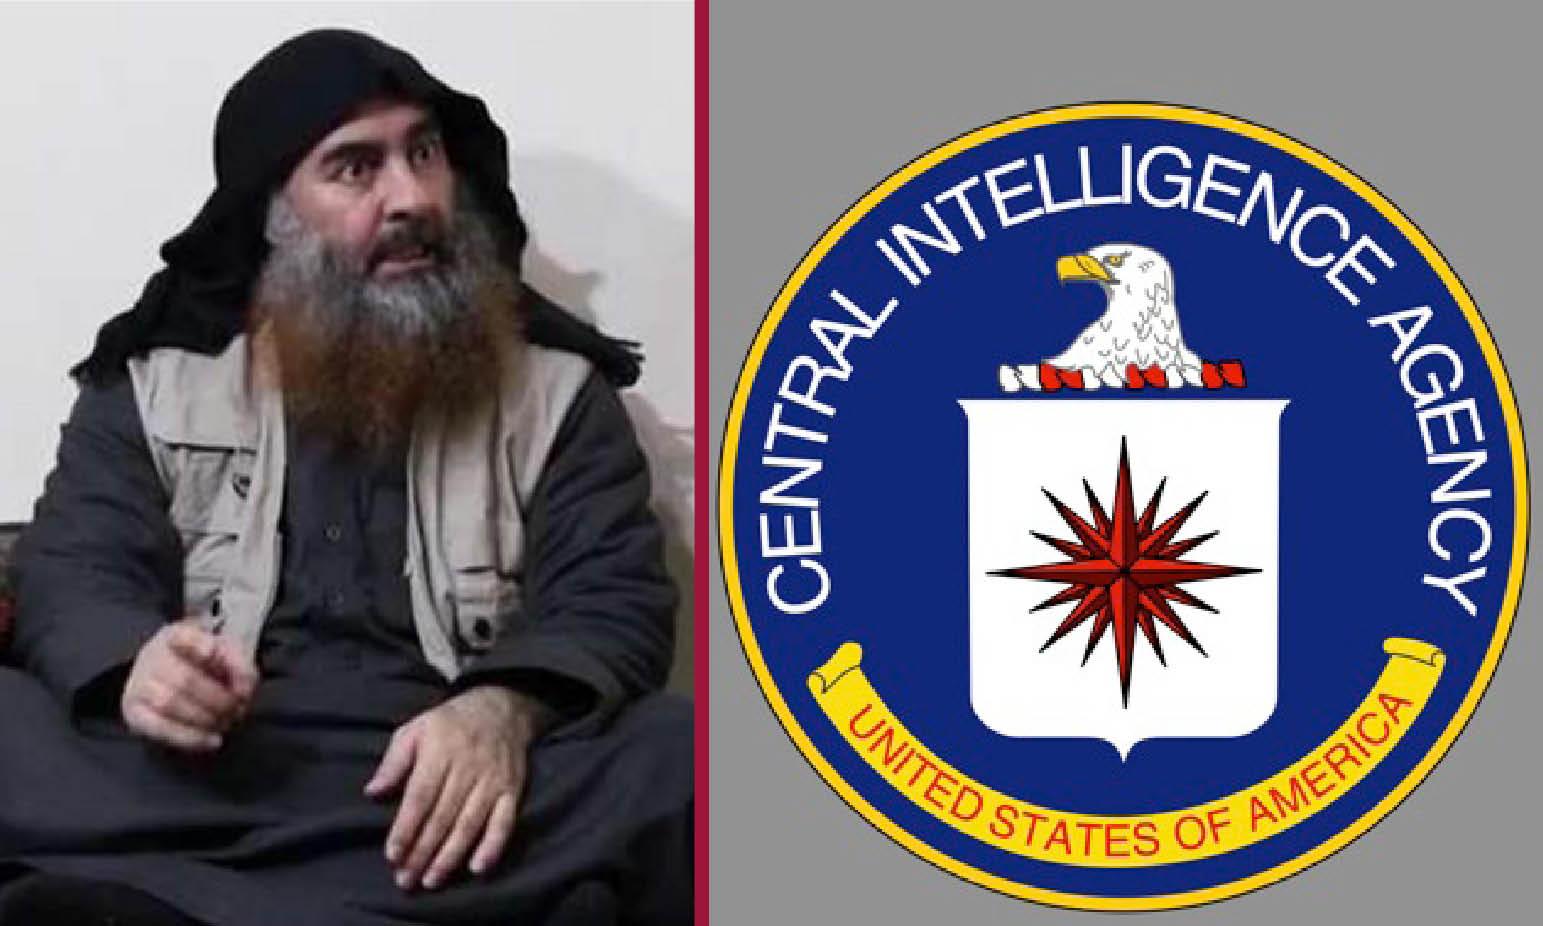 ESCLUSIVO: Mosca smentisce il raid Usa contro il califfo Al Baghdadi. Per l'intelligence russa è vivo in Iraq